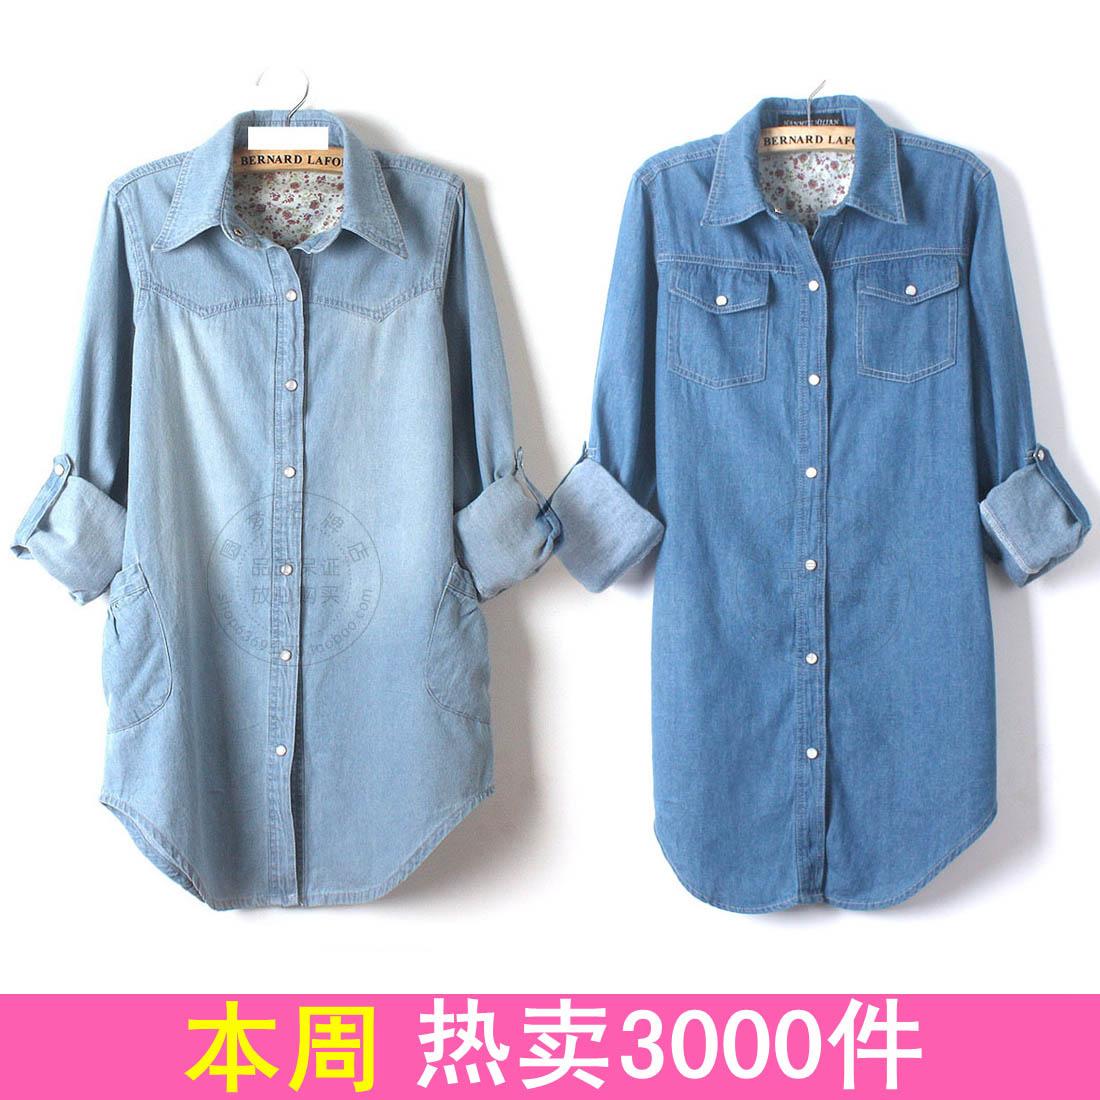 2012春秋季女装新款浅色薄中长款牛仔衬衫长袖衬衣女士加大码外套